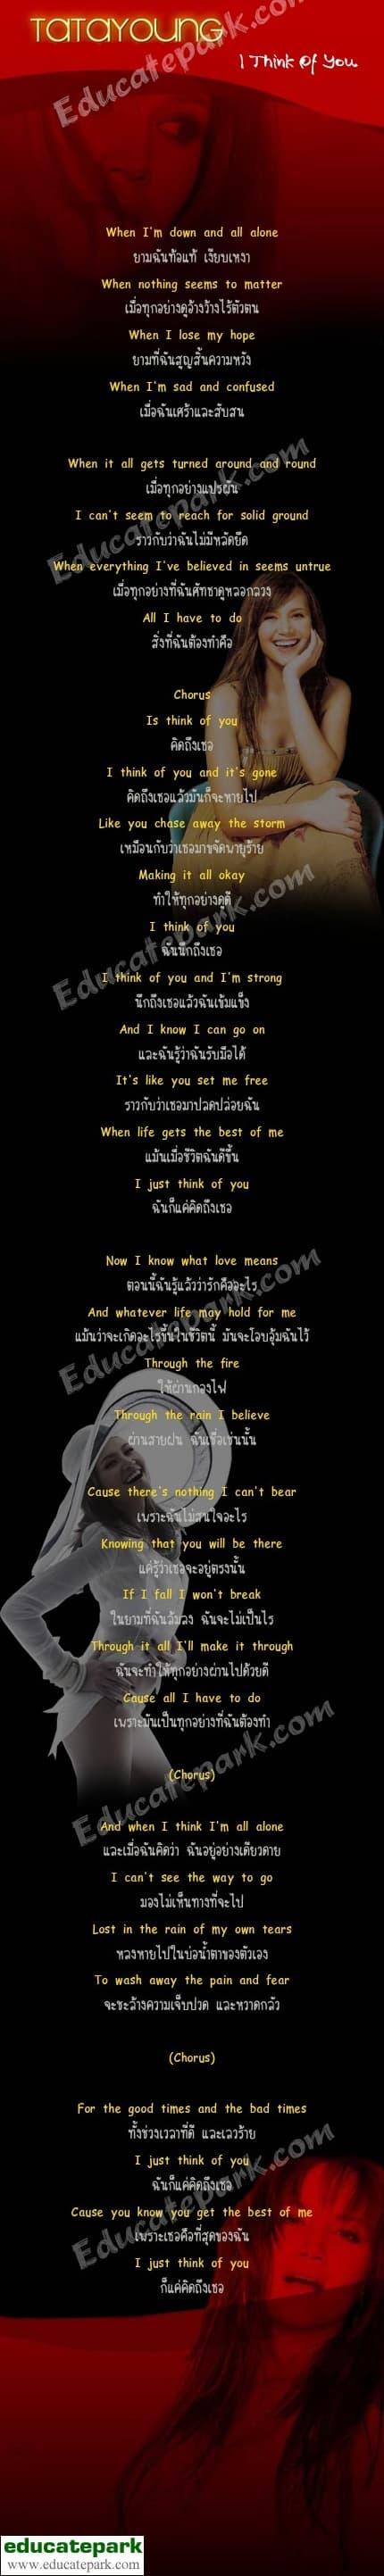 แปลเพลง I Think Of You - Tata Young